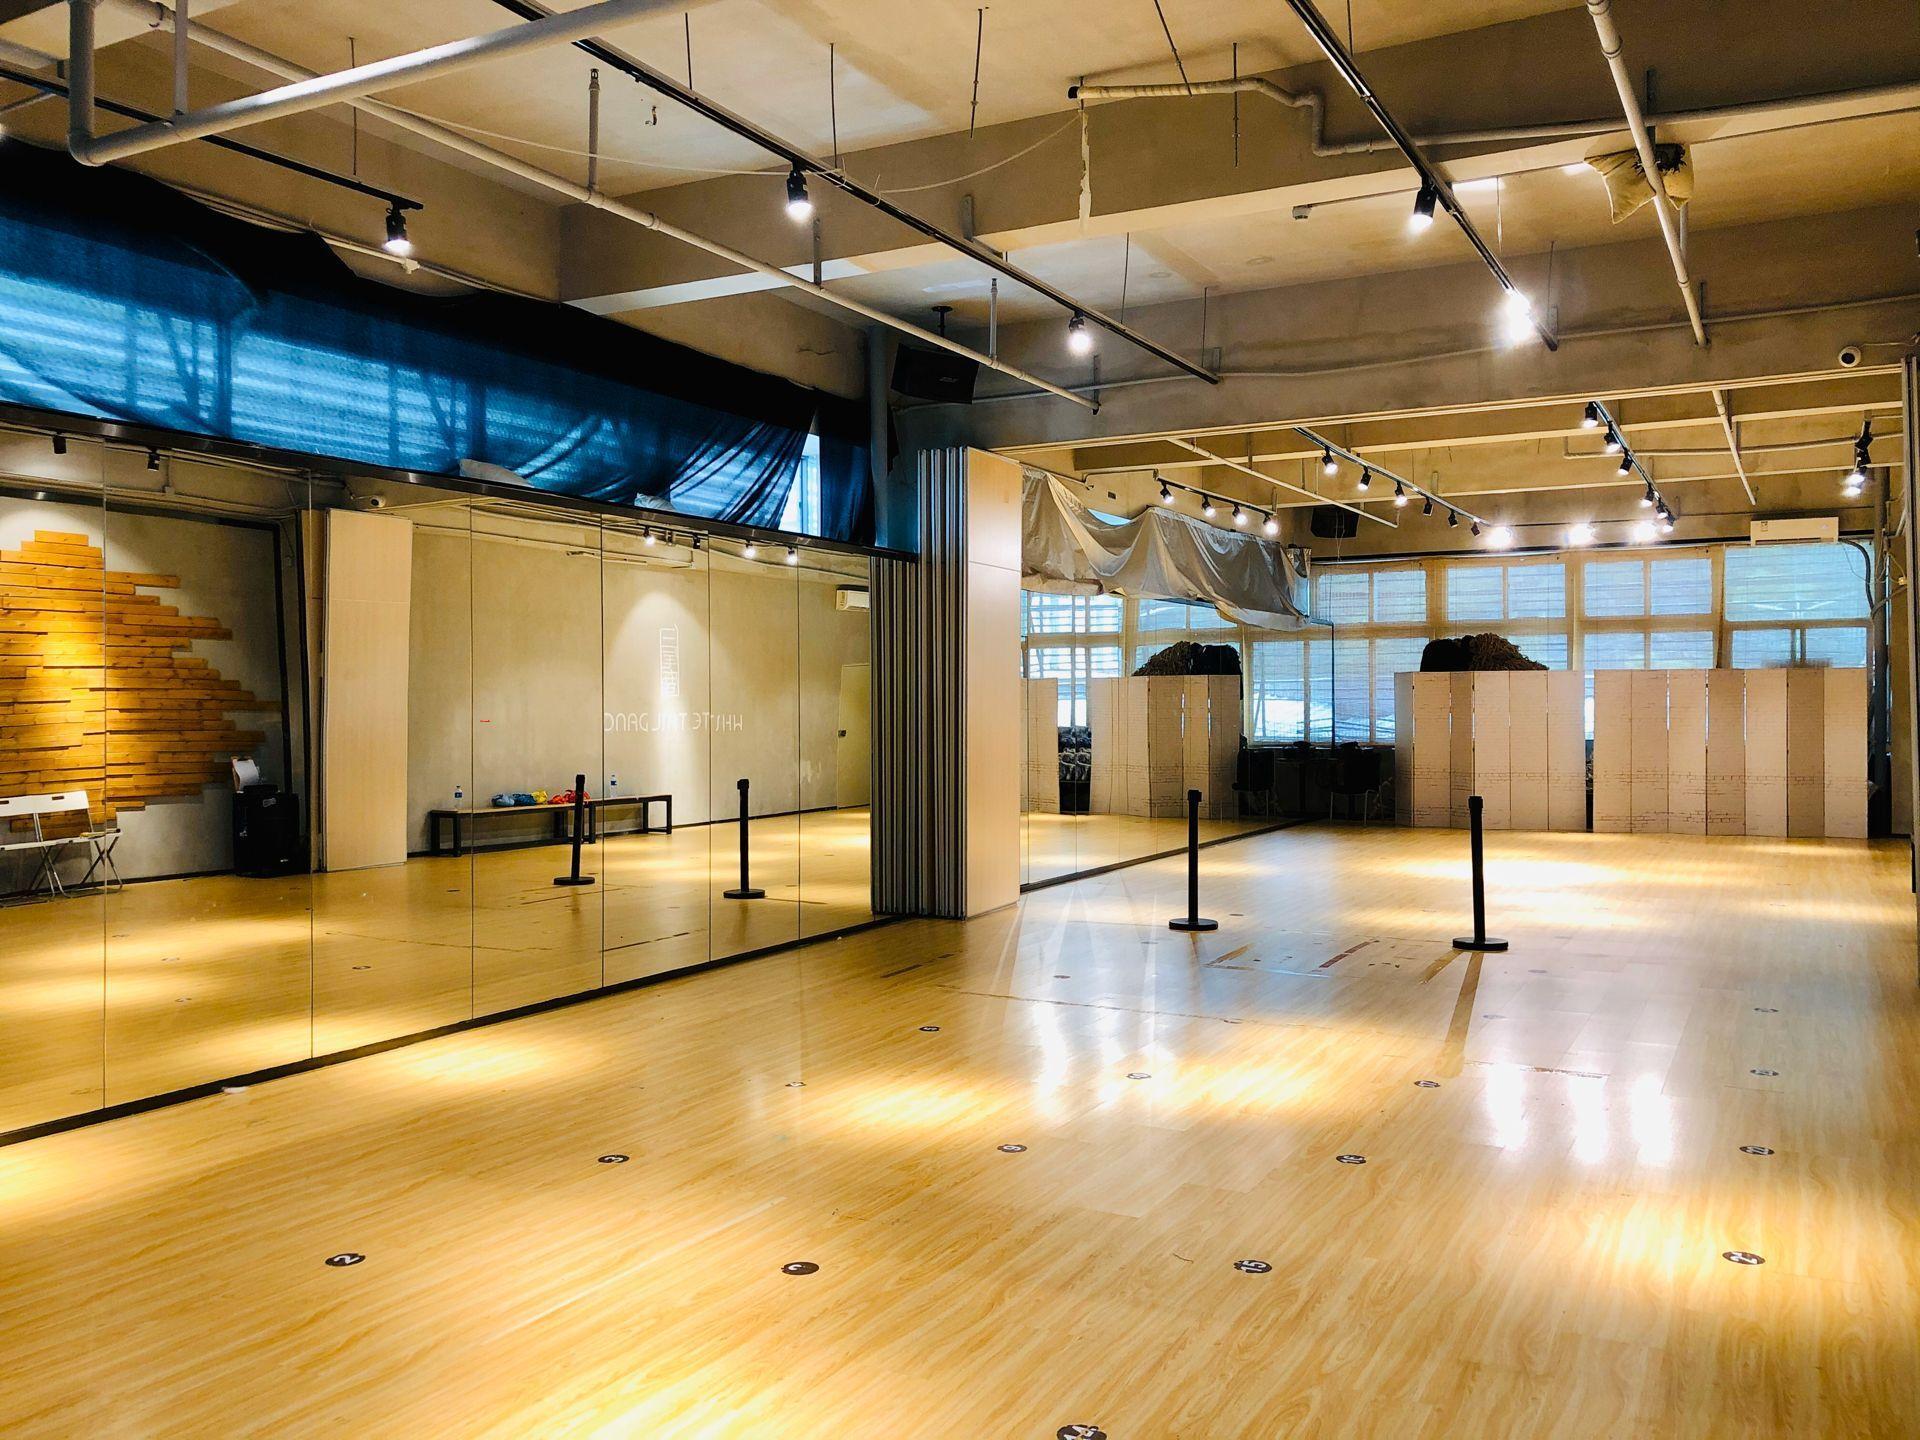 南山区龙井地铁口运动泛娱乐综合体一楼商铺244平米